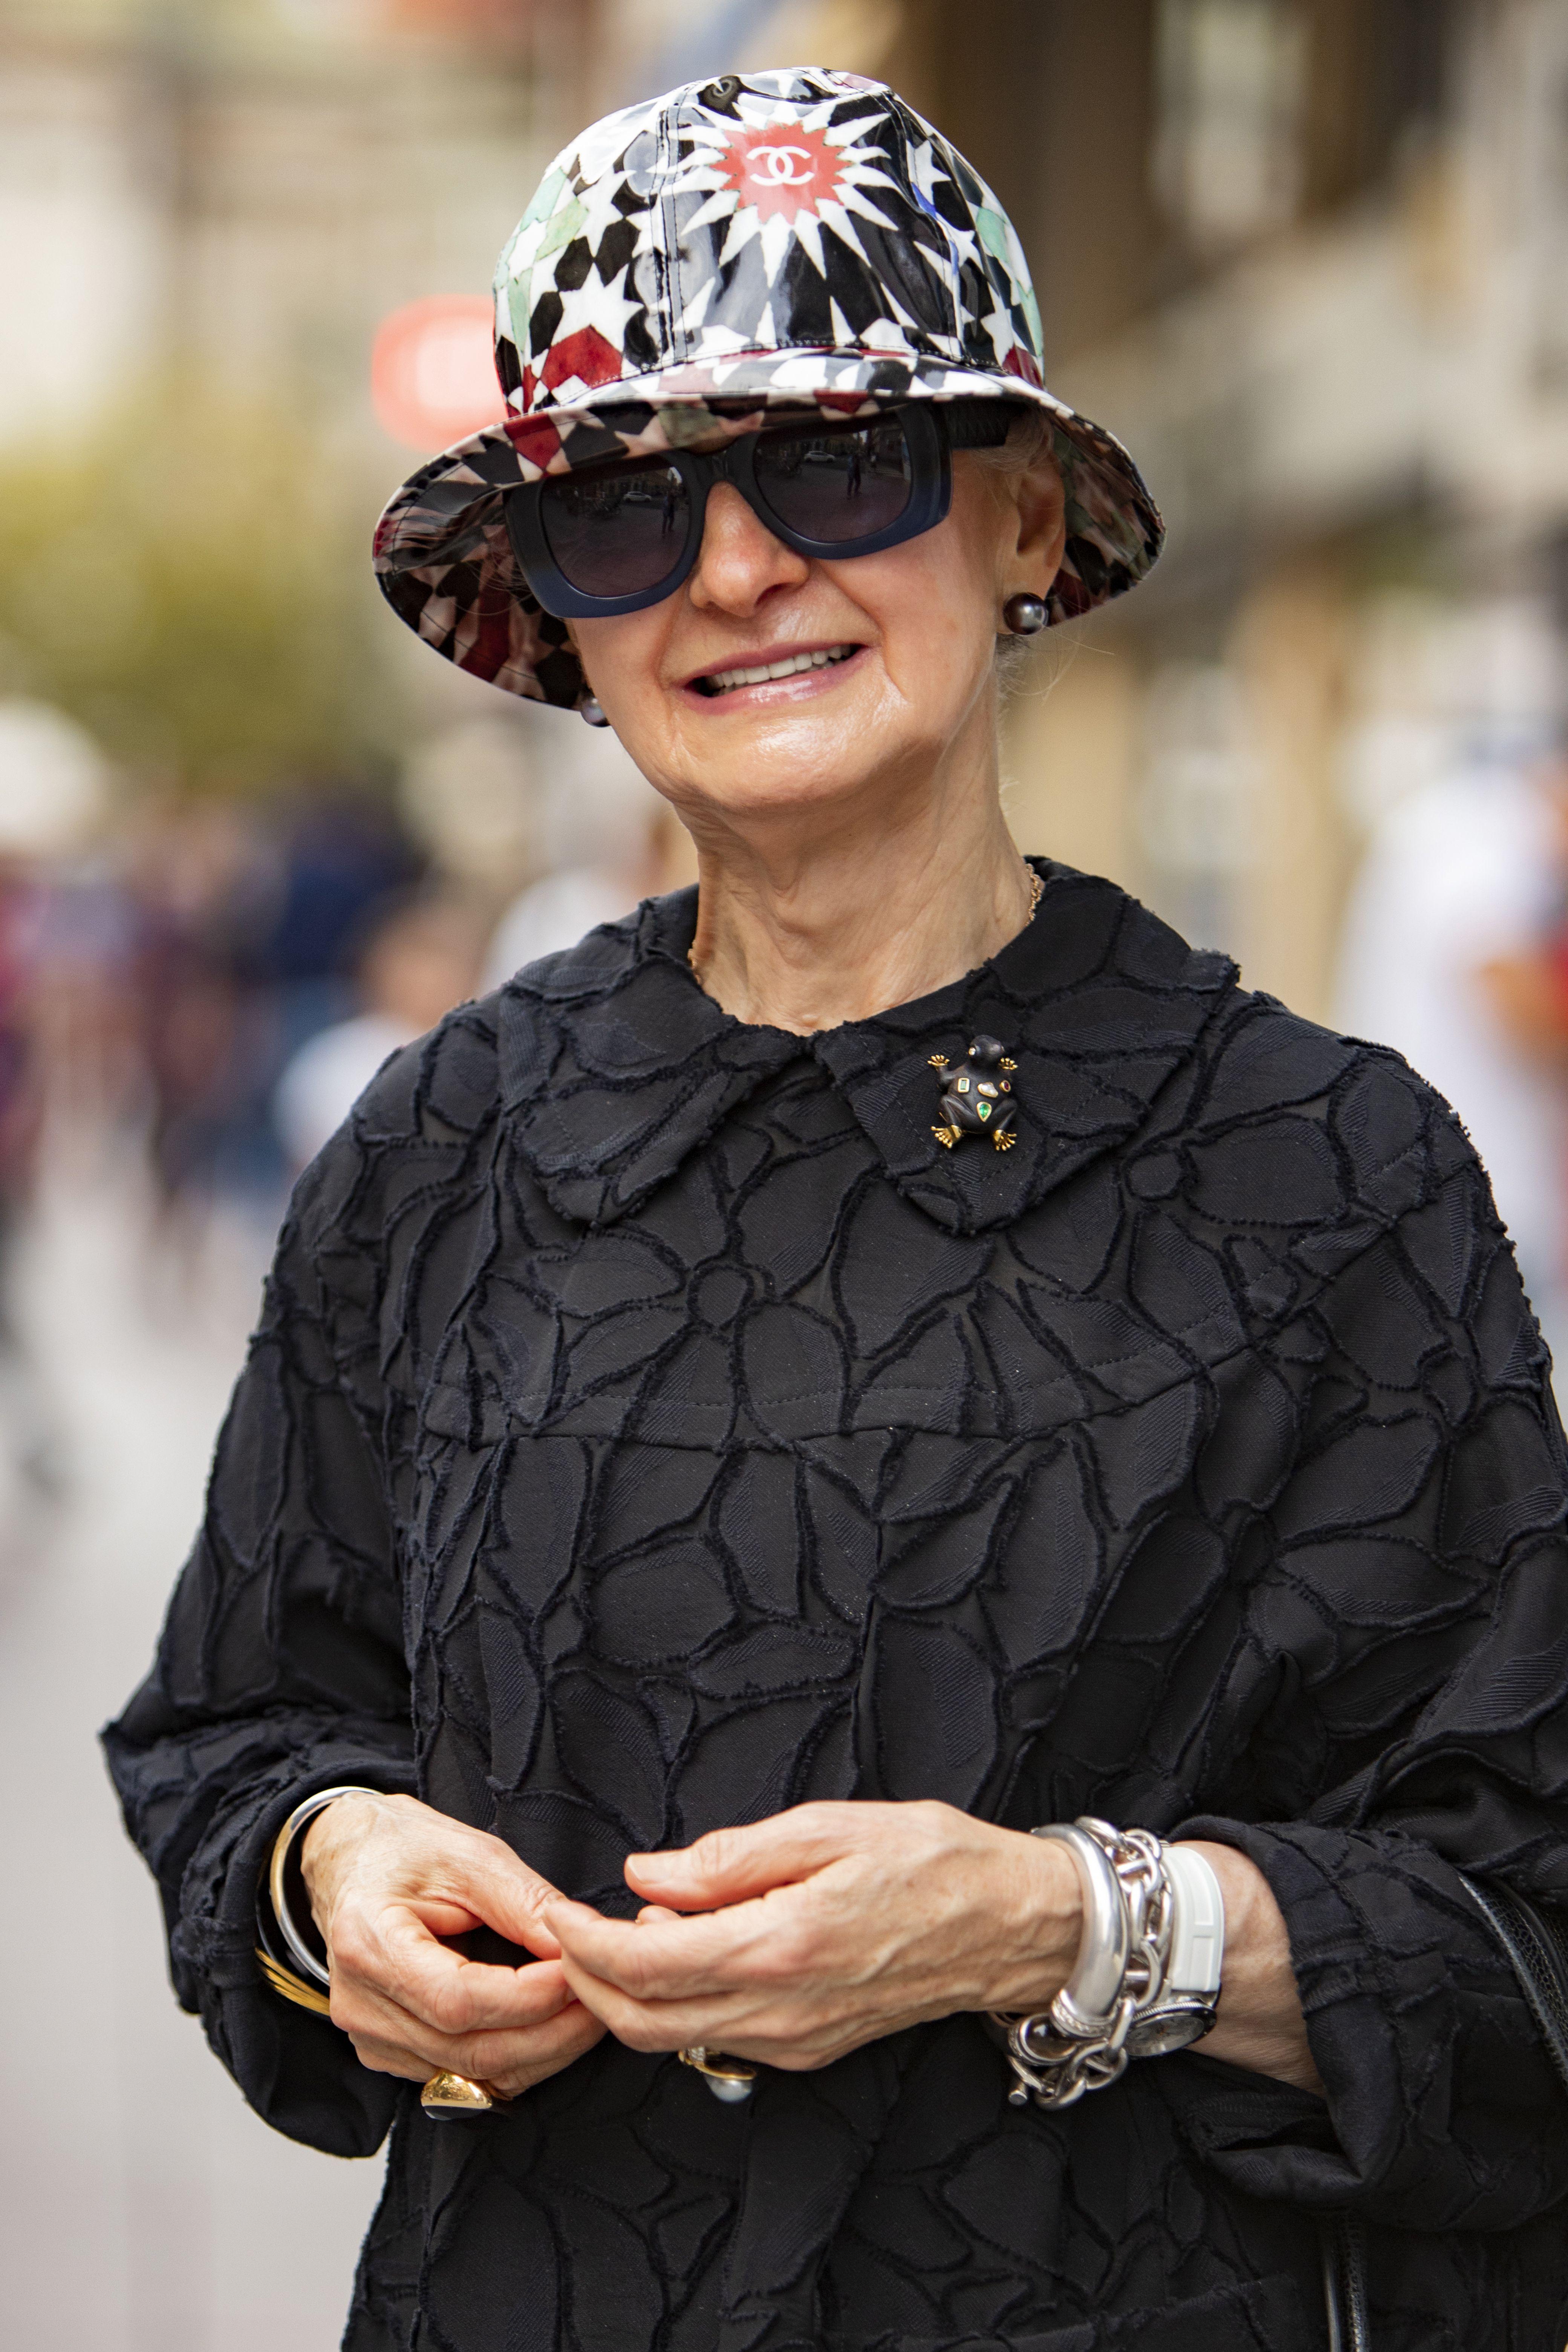 Ova umirovljenica i dizajnerica nakita dama je čiji stil obožavamo!